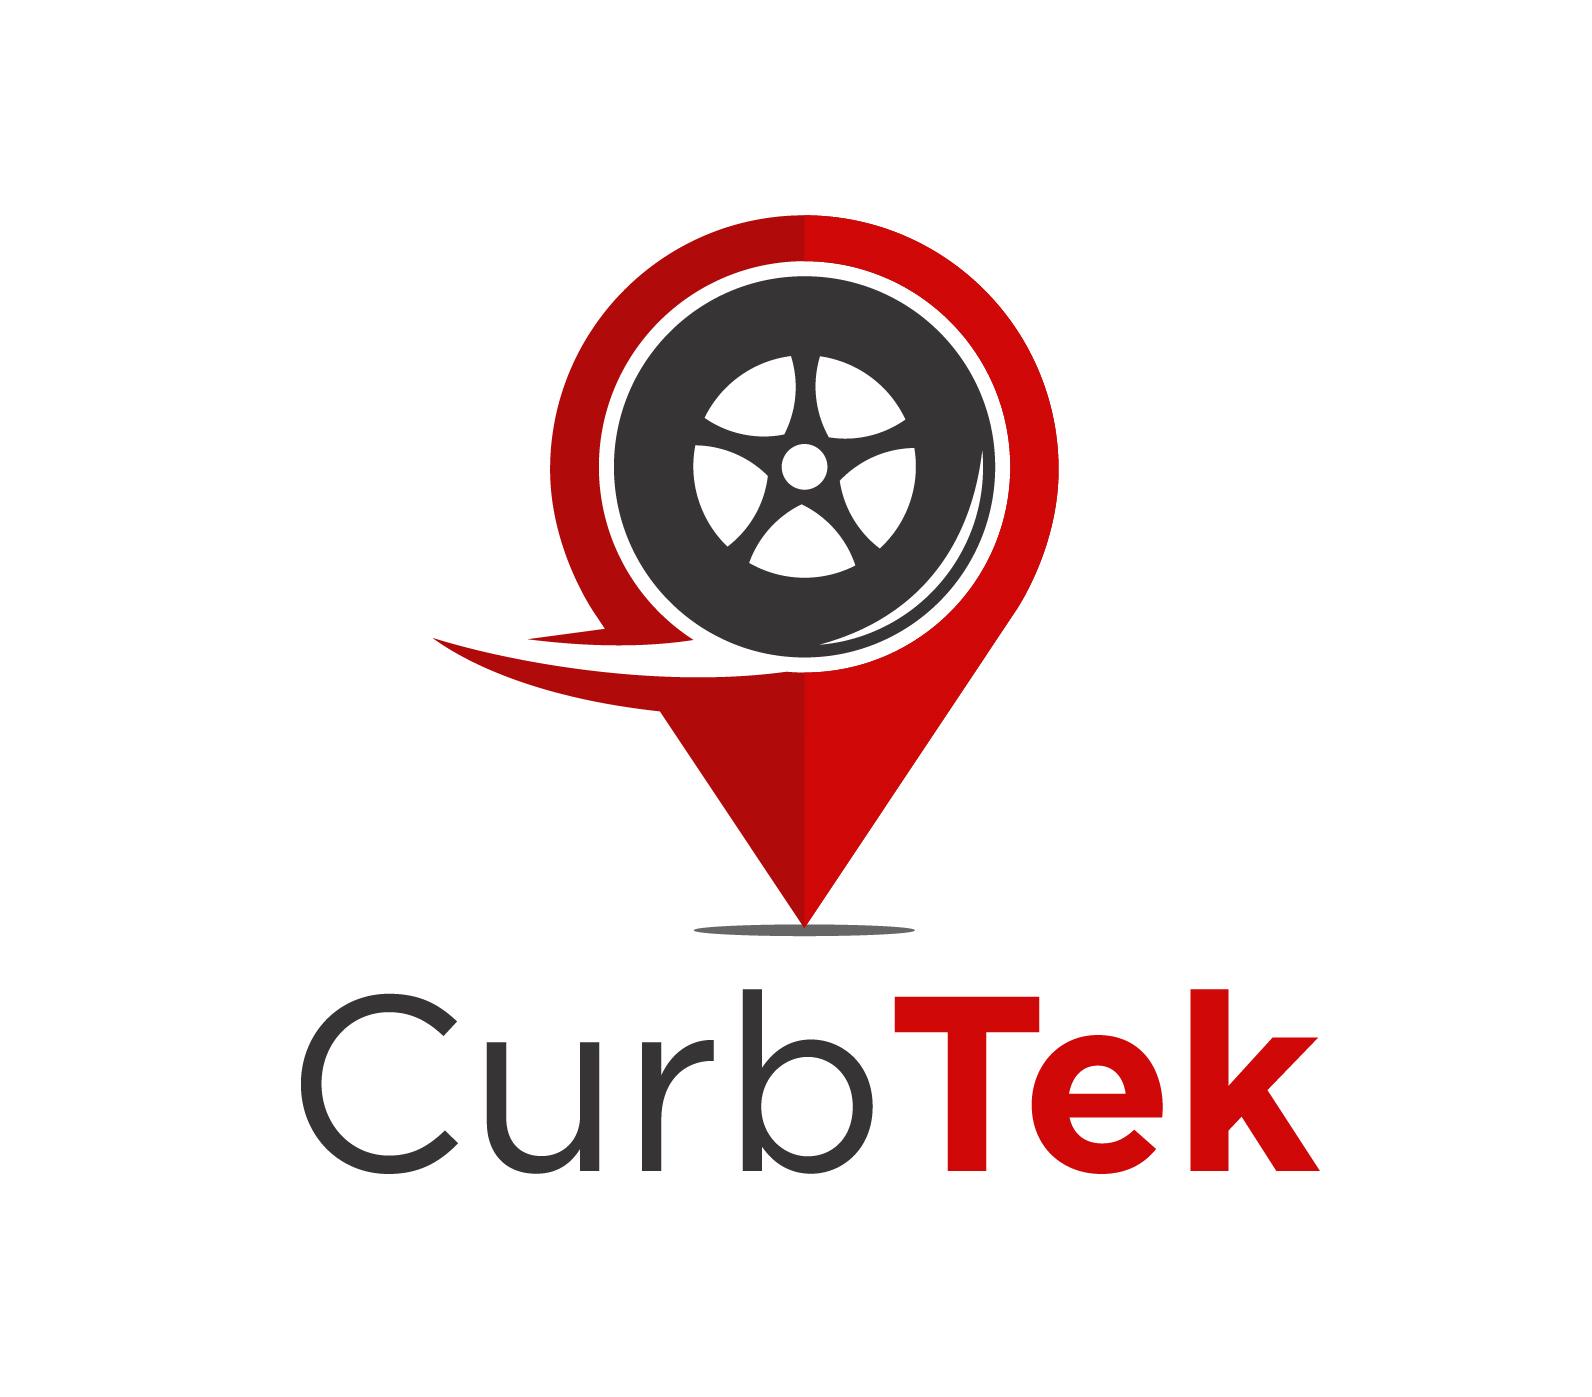 CurbTek.jpg